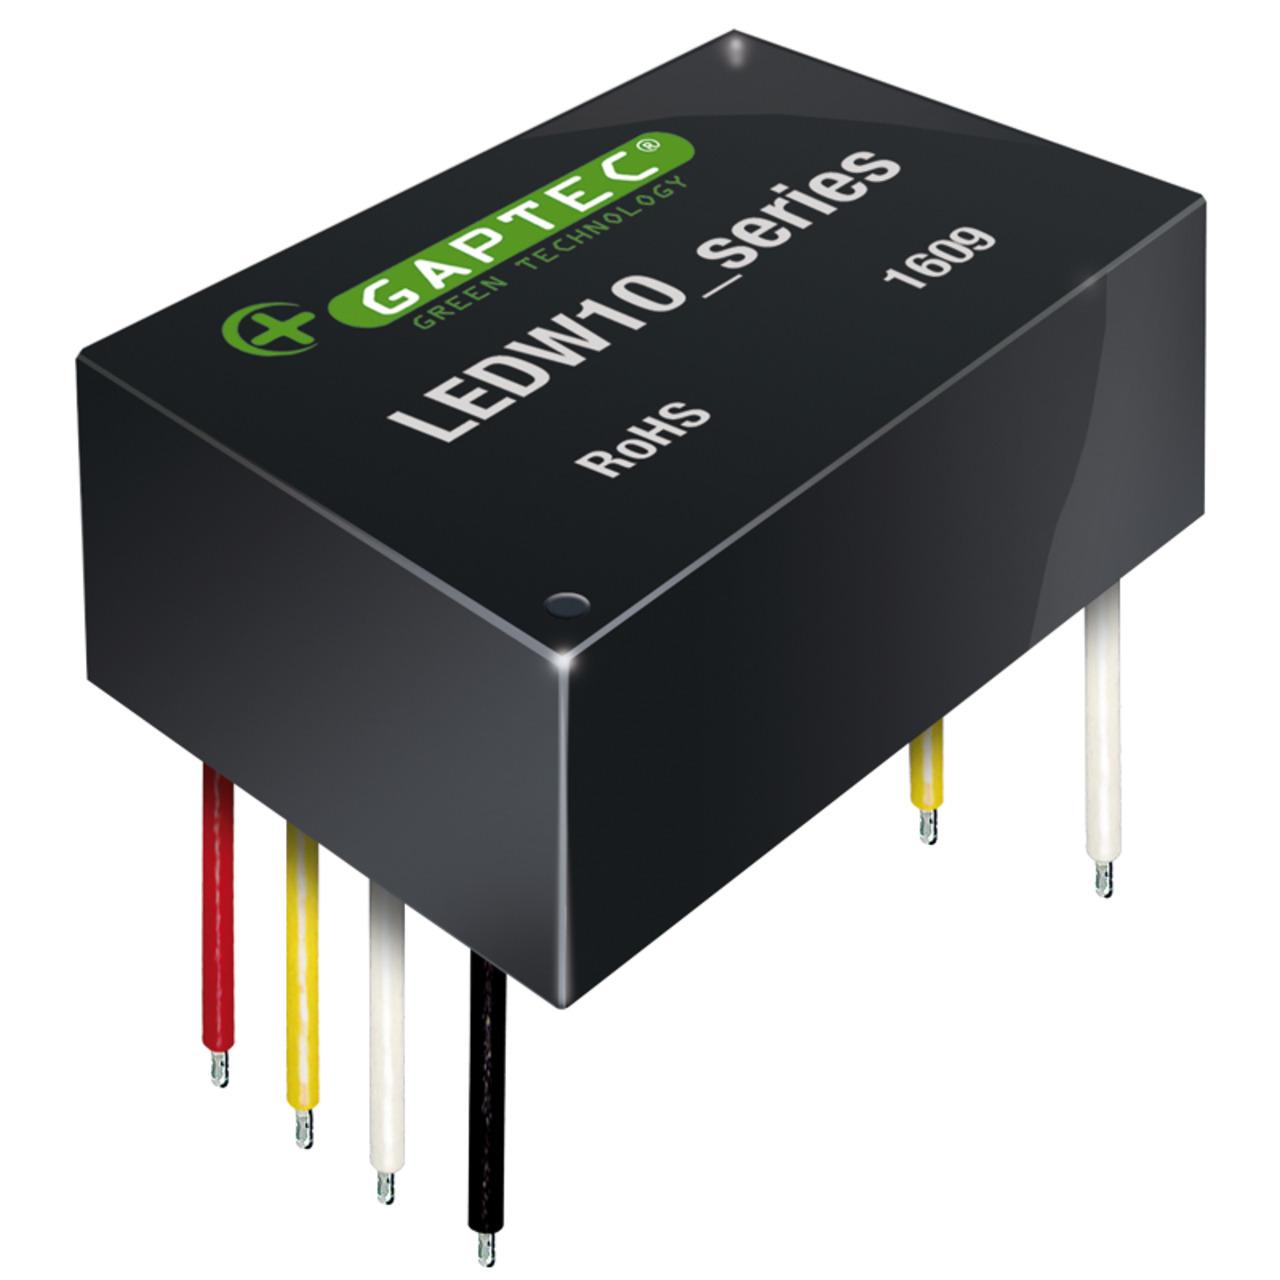 GAPTEC LED Treiber LEDW10-24-500- 500 mA